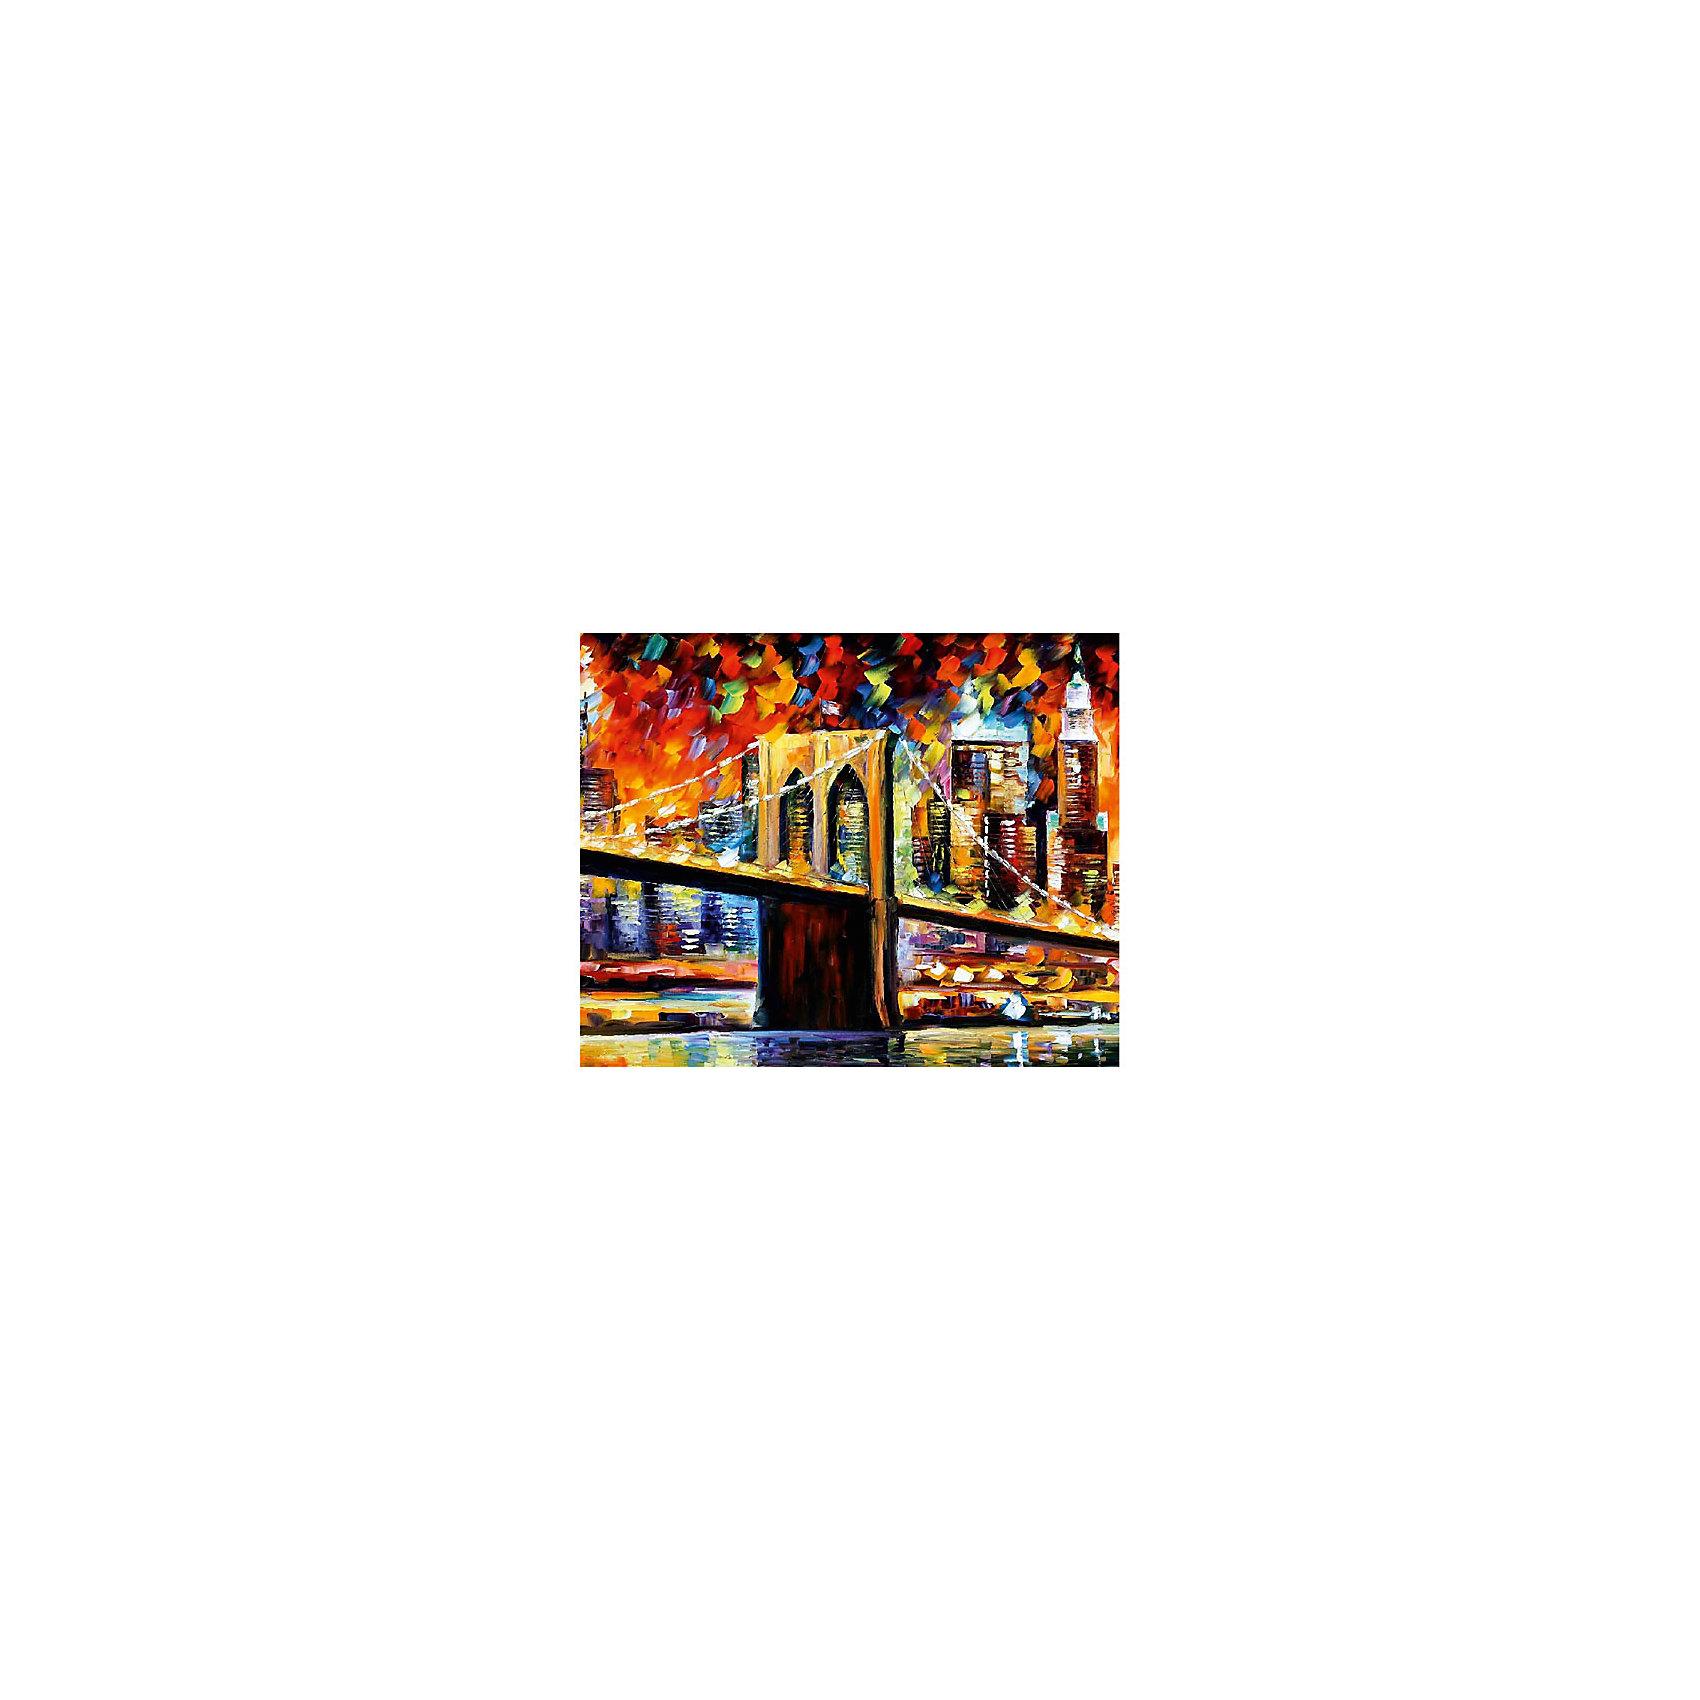 Картина по номерам Афремов: Бруклинский мост, 40*50 смРисование<br>Характеристики товара:<br><br>• материал упаковки: картон <br>• в комплект входит: холст, акриловые краски, 3 кисти<br>• количество красок: 24<br>• возраст: от 8 лет<br>• вес: 730 г<br>• размер картинки: 40х50 см<br>• габариты упаковки: 40х50х4 см<br>• страна производитель: Китай<br><br>Наборы для создания картин по номерам совсем недавно появились на рынке, но уже успели завоевать популярность. Закрашивая черно-белые места на картинке, ребенок получит полноценную картину и развитие художественного мастерства. Материалы, использованные при изготовлении товаров, проходят проверку на качество и соответствие международным требованиям по безопасности. <br><br>Картину по номерам Афремов: Бруклинский мост, 40*50 см можно купить в нашем интернет-магазине.<br><br>Ширина мм: 500<br>Глубина мм: 400<br>Высота мм: 40<br>Вес г: 730<br>Возраст от месяцев: 108<br>Возраст до месяцев: 2147483647<br>Пол: Унисекс<br>Возраст: Детский<br>SKU: 5417683